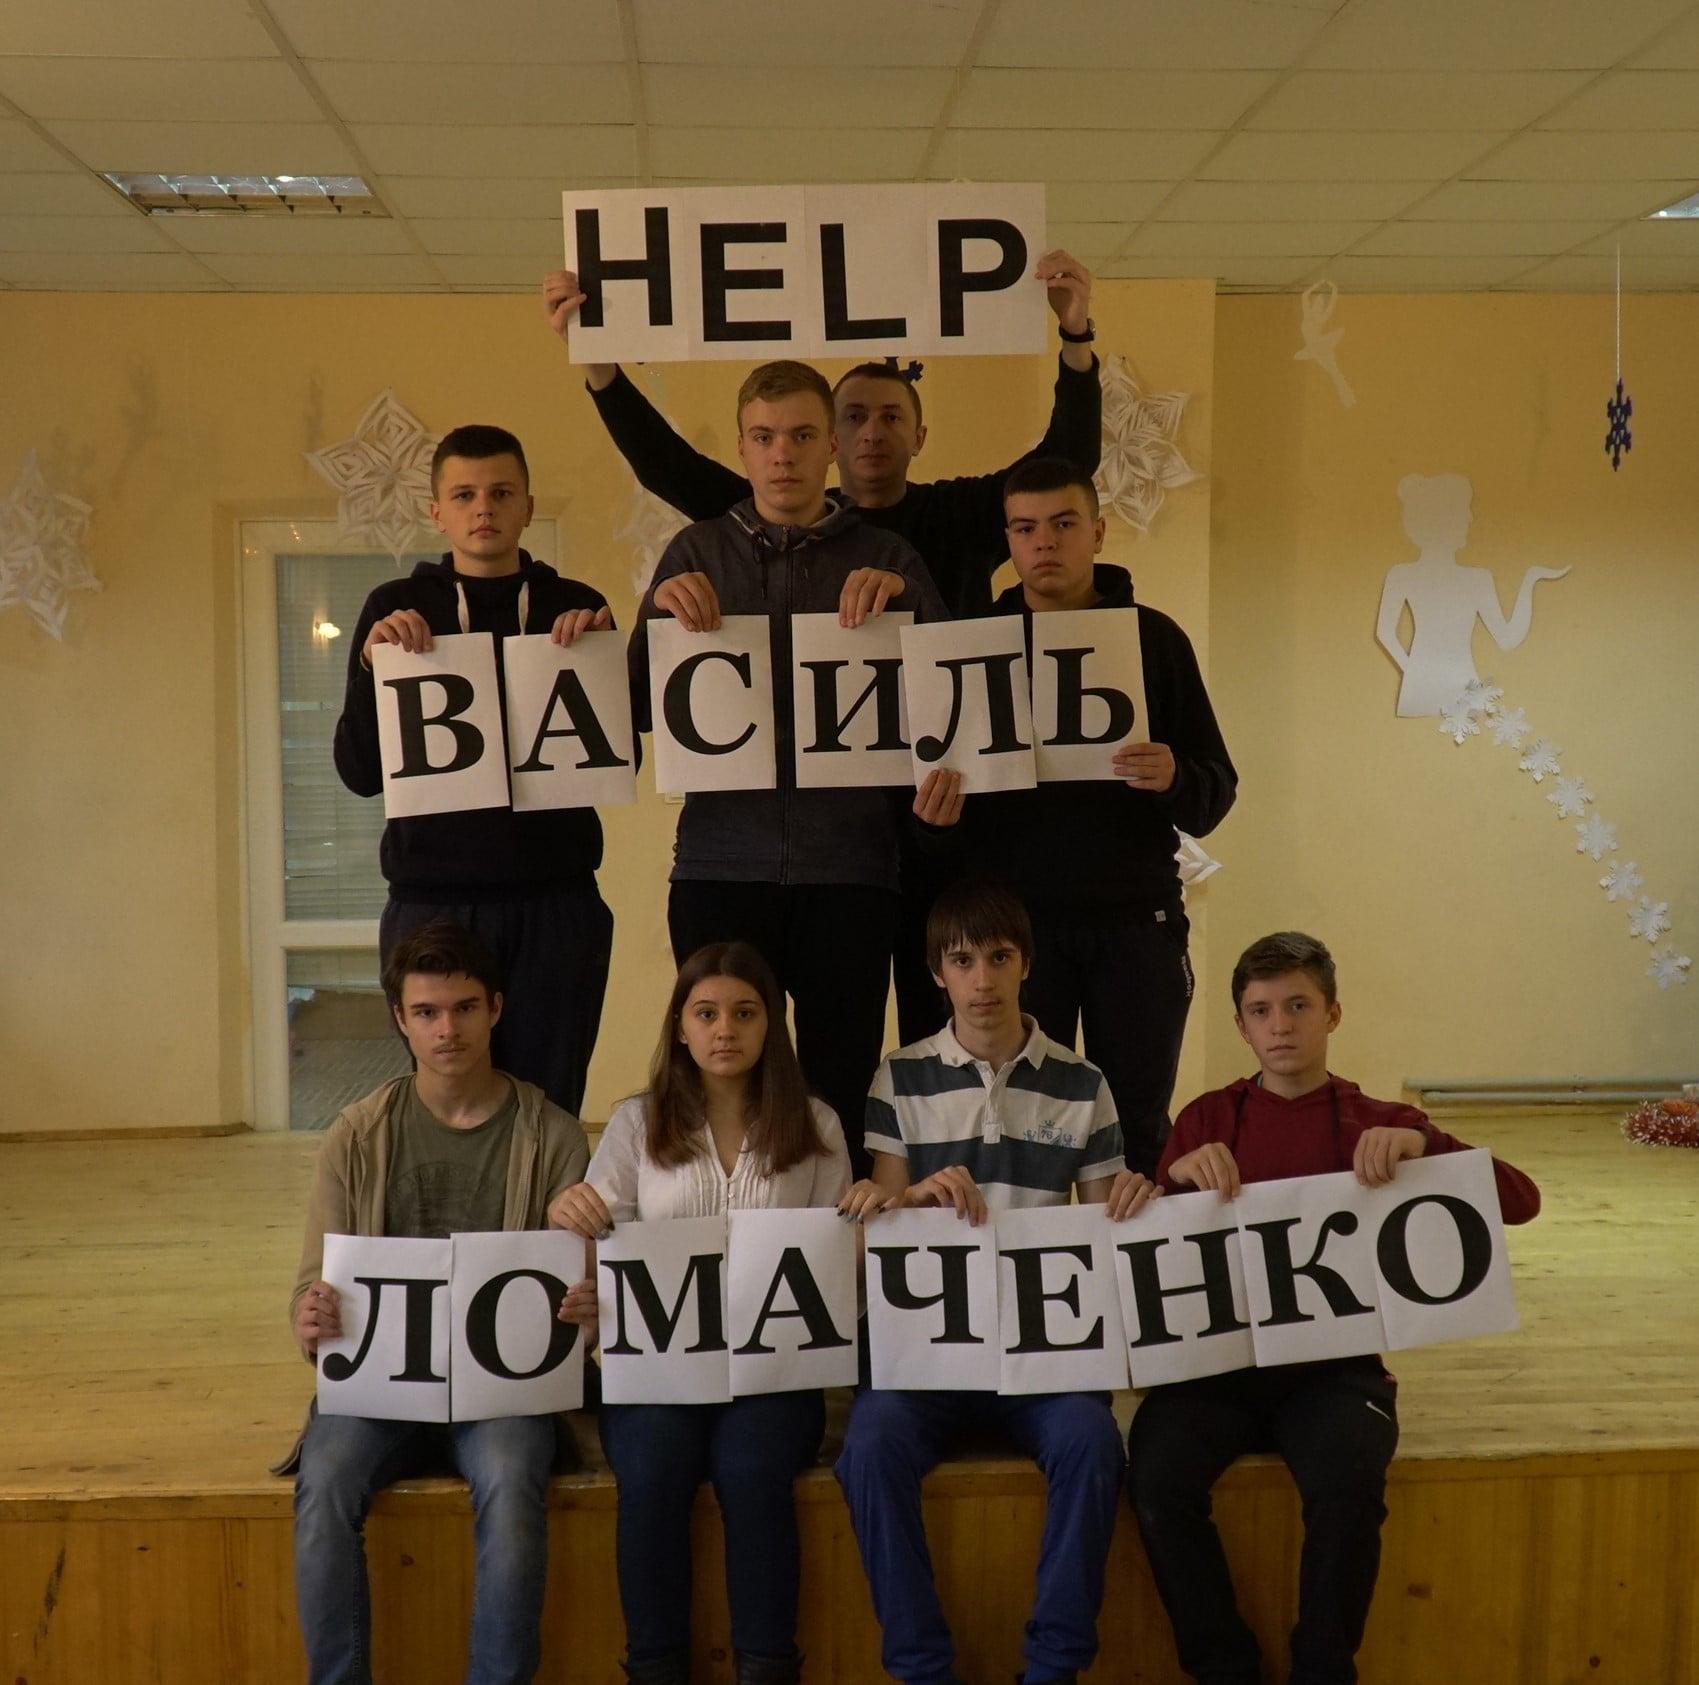 Відомих спортсменів України просять долучитися до допомоги онкохворому підлітку з Франківська (ФОТО)